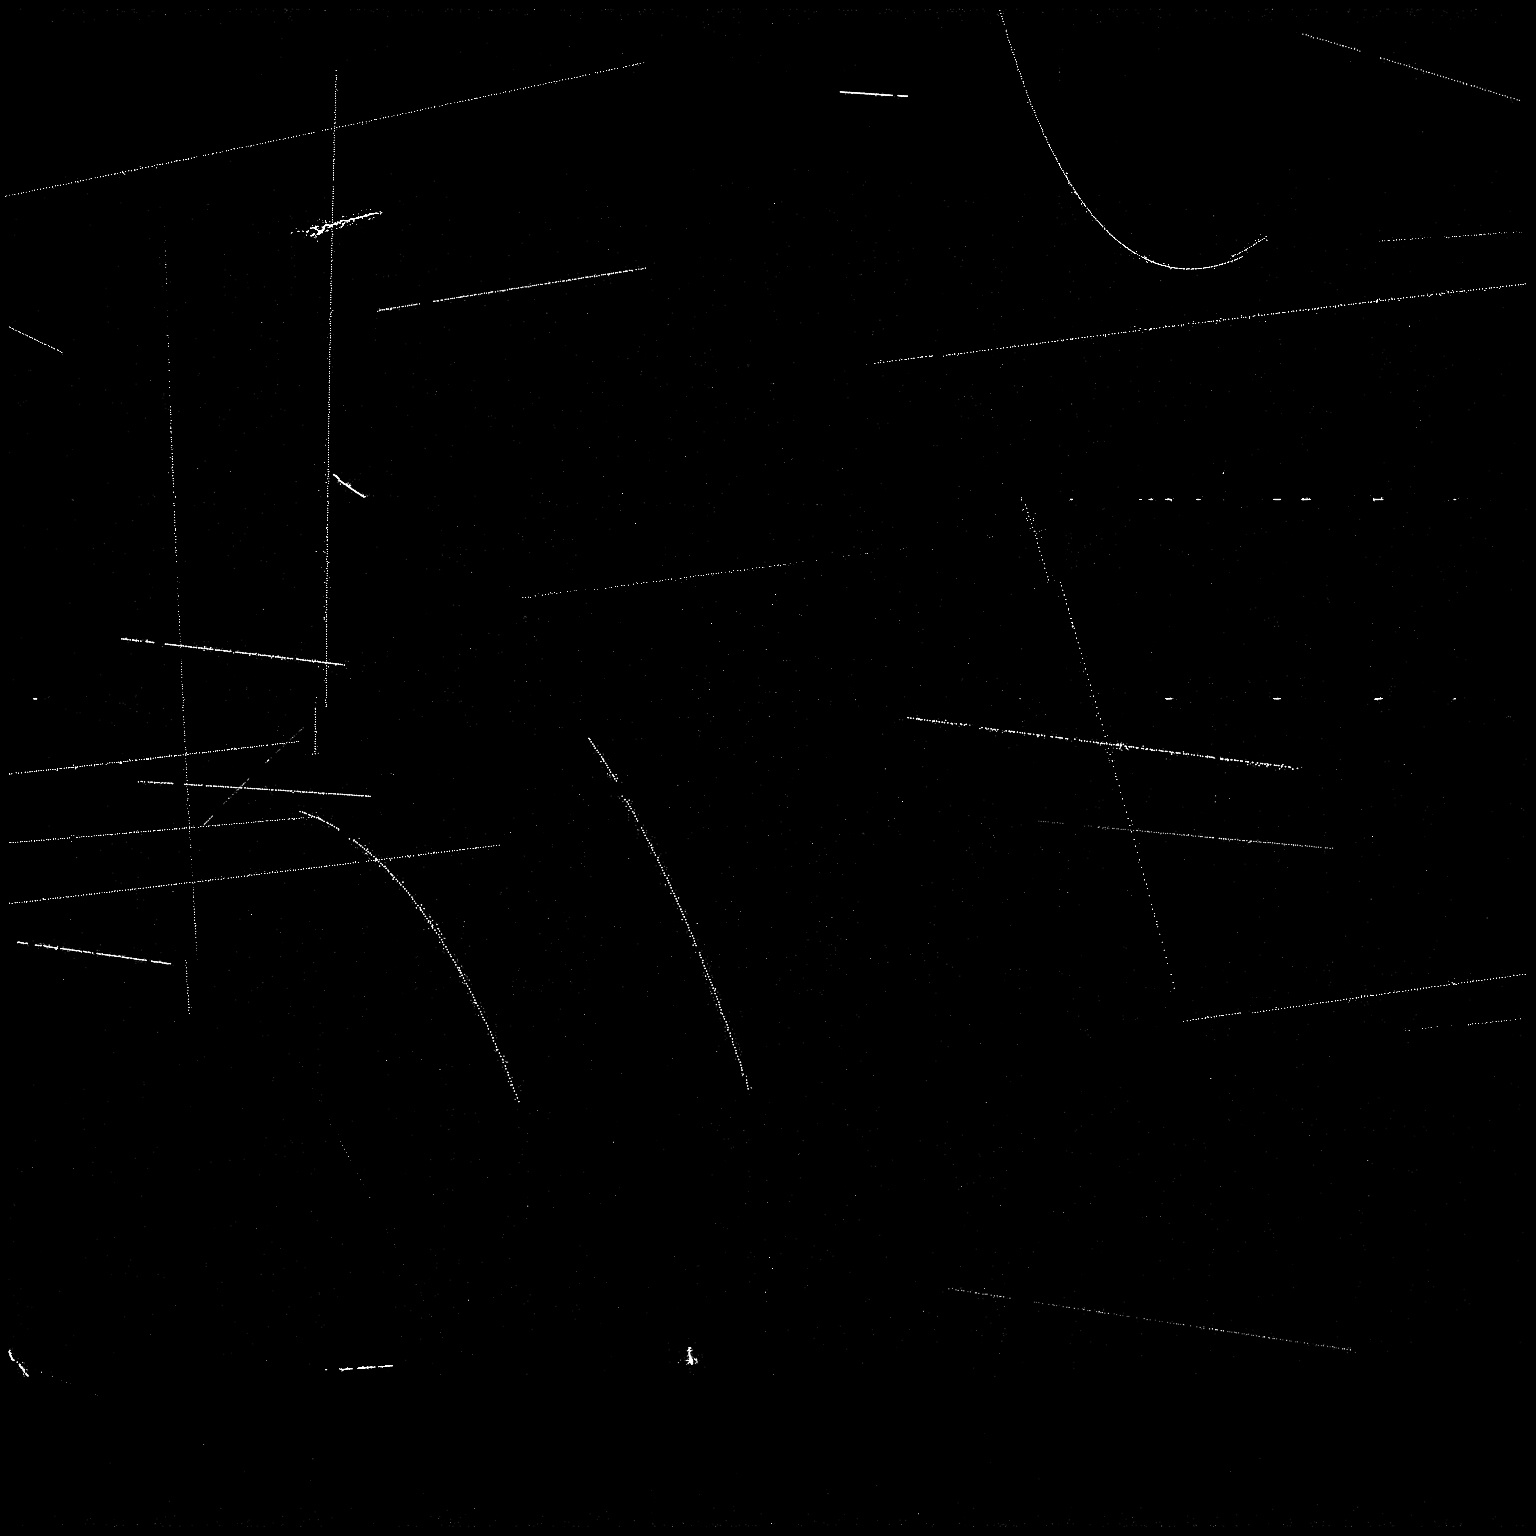 Камеры для поиска космического мусора… - 20